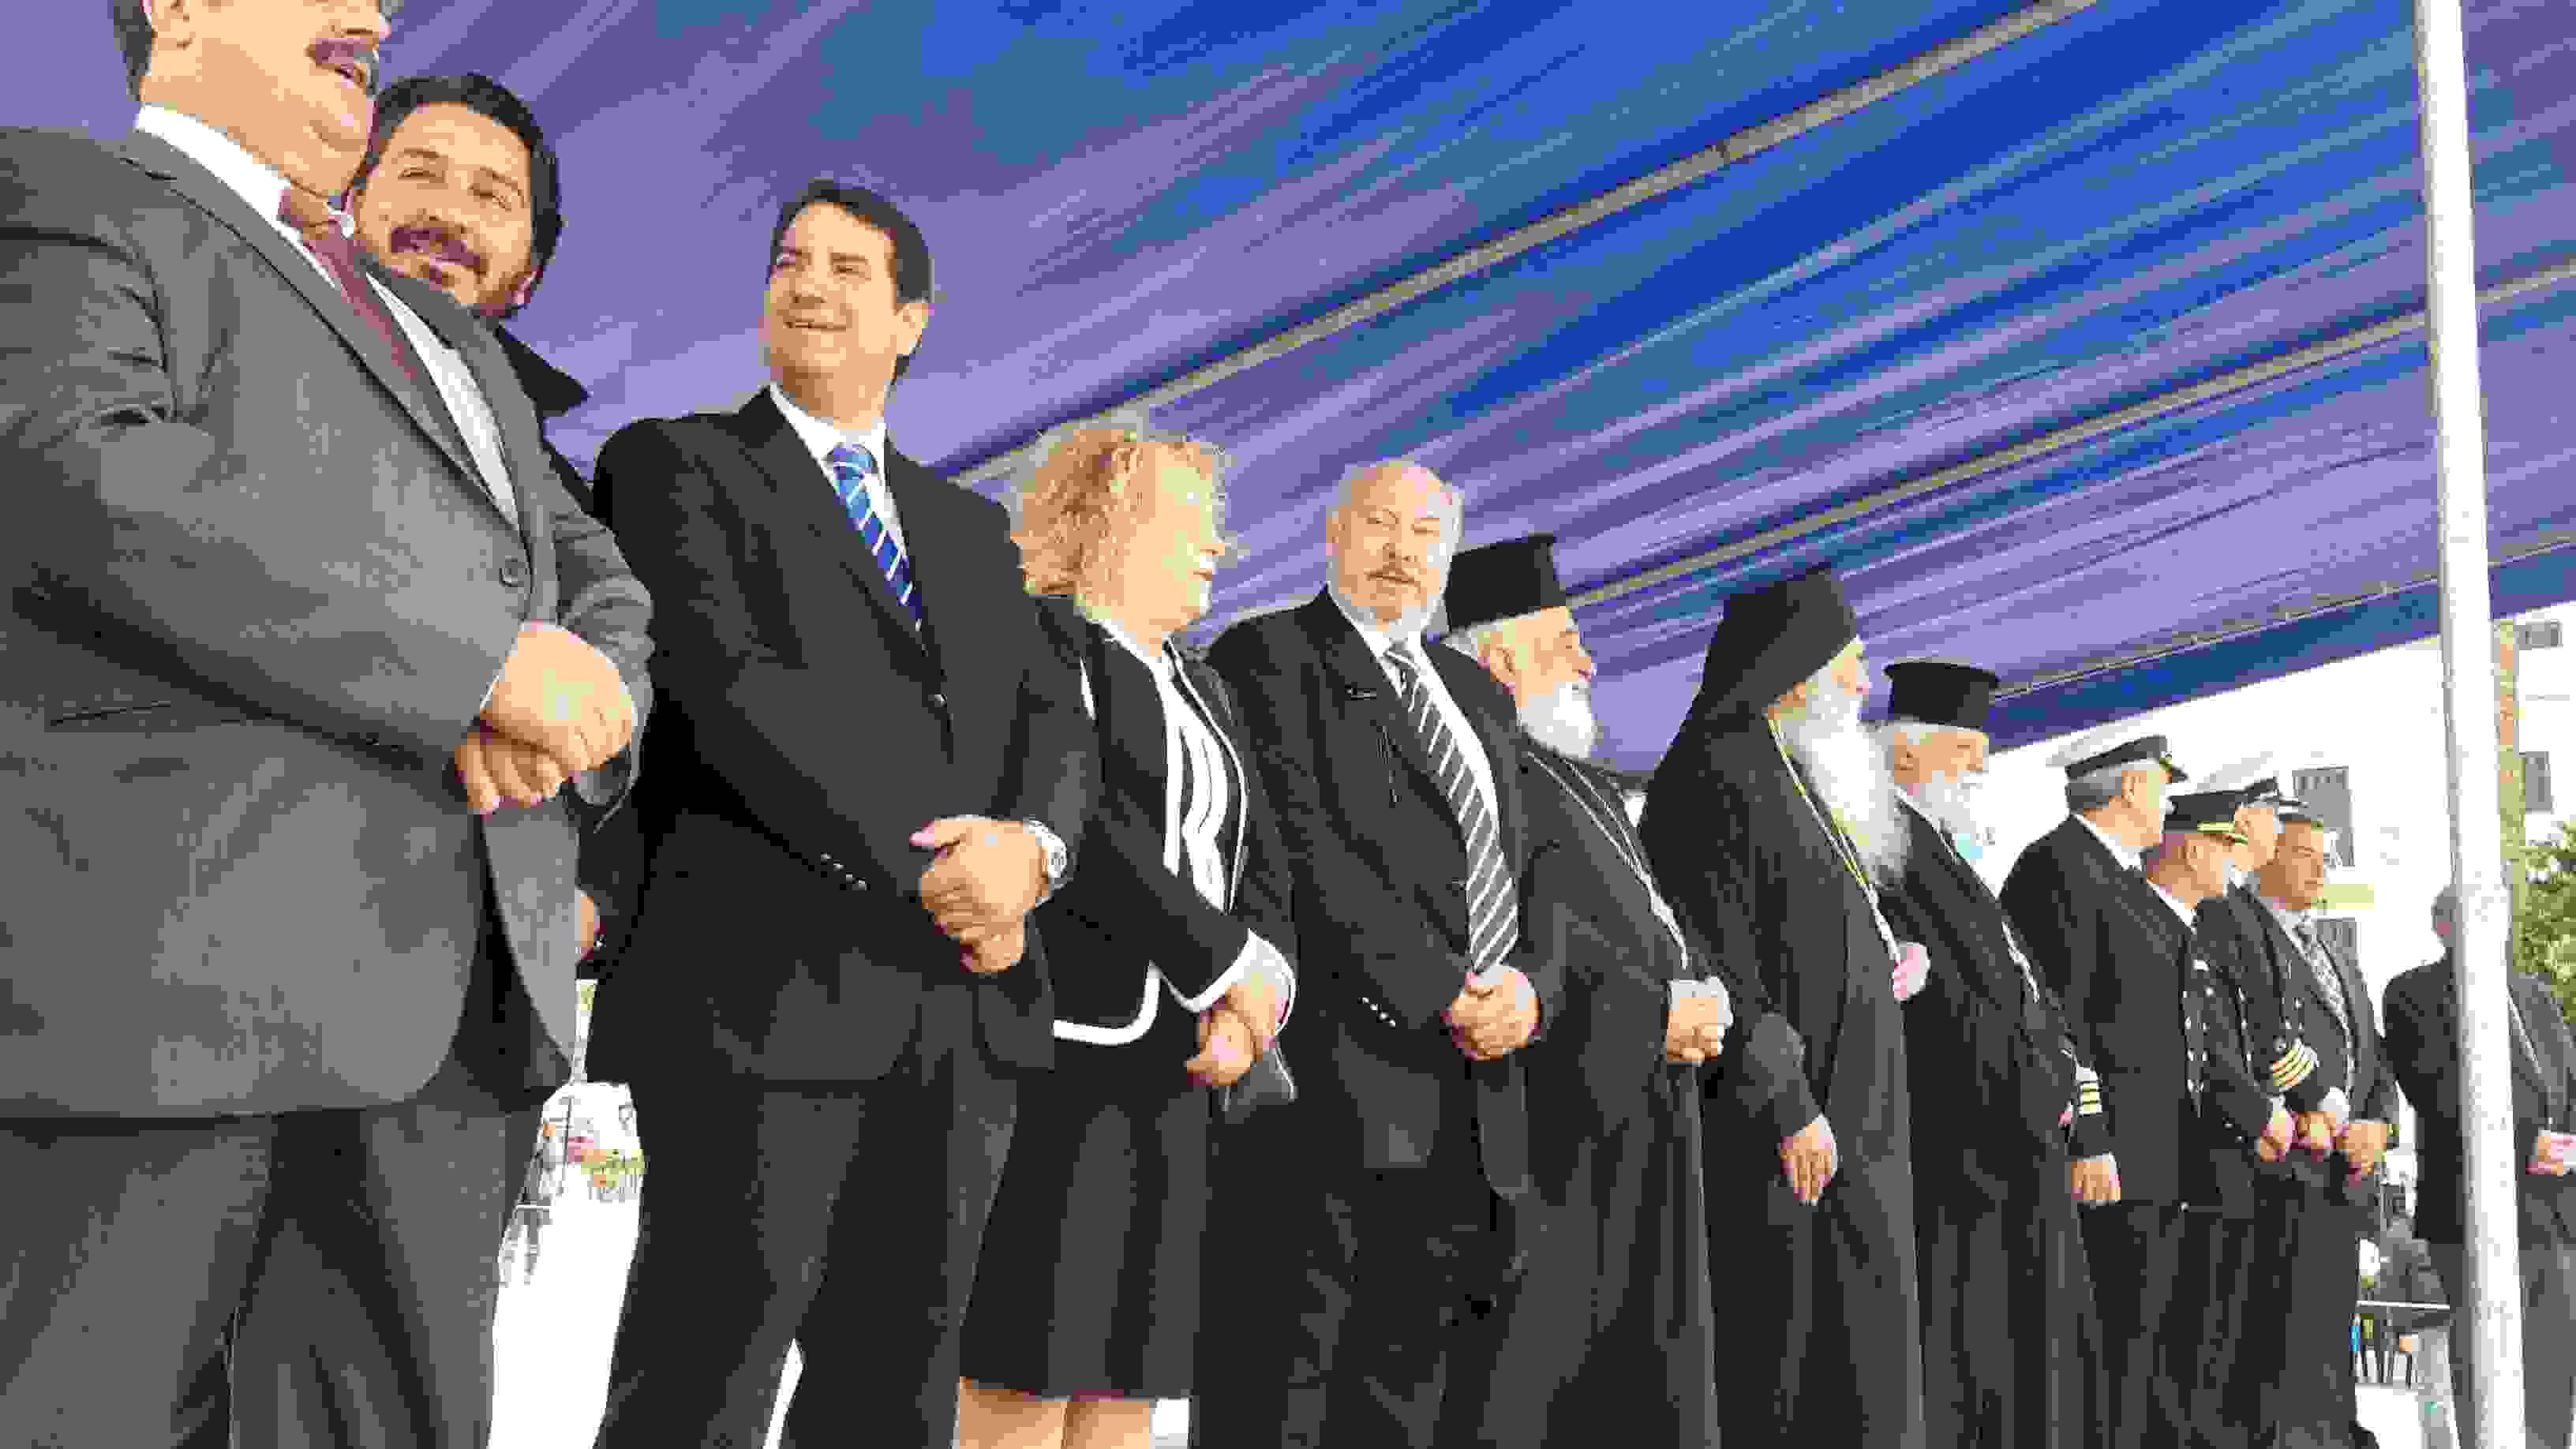 """ΑΡΓΟΣΤΟΛΙ: """"ΟΥΤΕ ΓΑΤΑ, ΟΥΤΕ ΖΗΜΙΑ""""!-Ο ΔΗΜΑΡΧΟΣ ΣΤΗΝ ΕΞΕΔΡΑ, Ο ΘΟΔΩΡΟΣ ΔΙΠΛΑ ΚΑΙ ΚΑΤΩ, Ο ΣΥΡΙΖΑ ΑΠΕΝΑΝΤΙ!"""